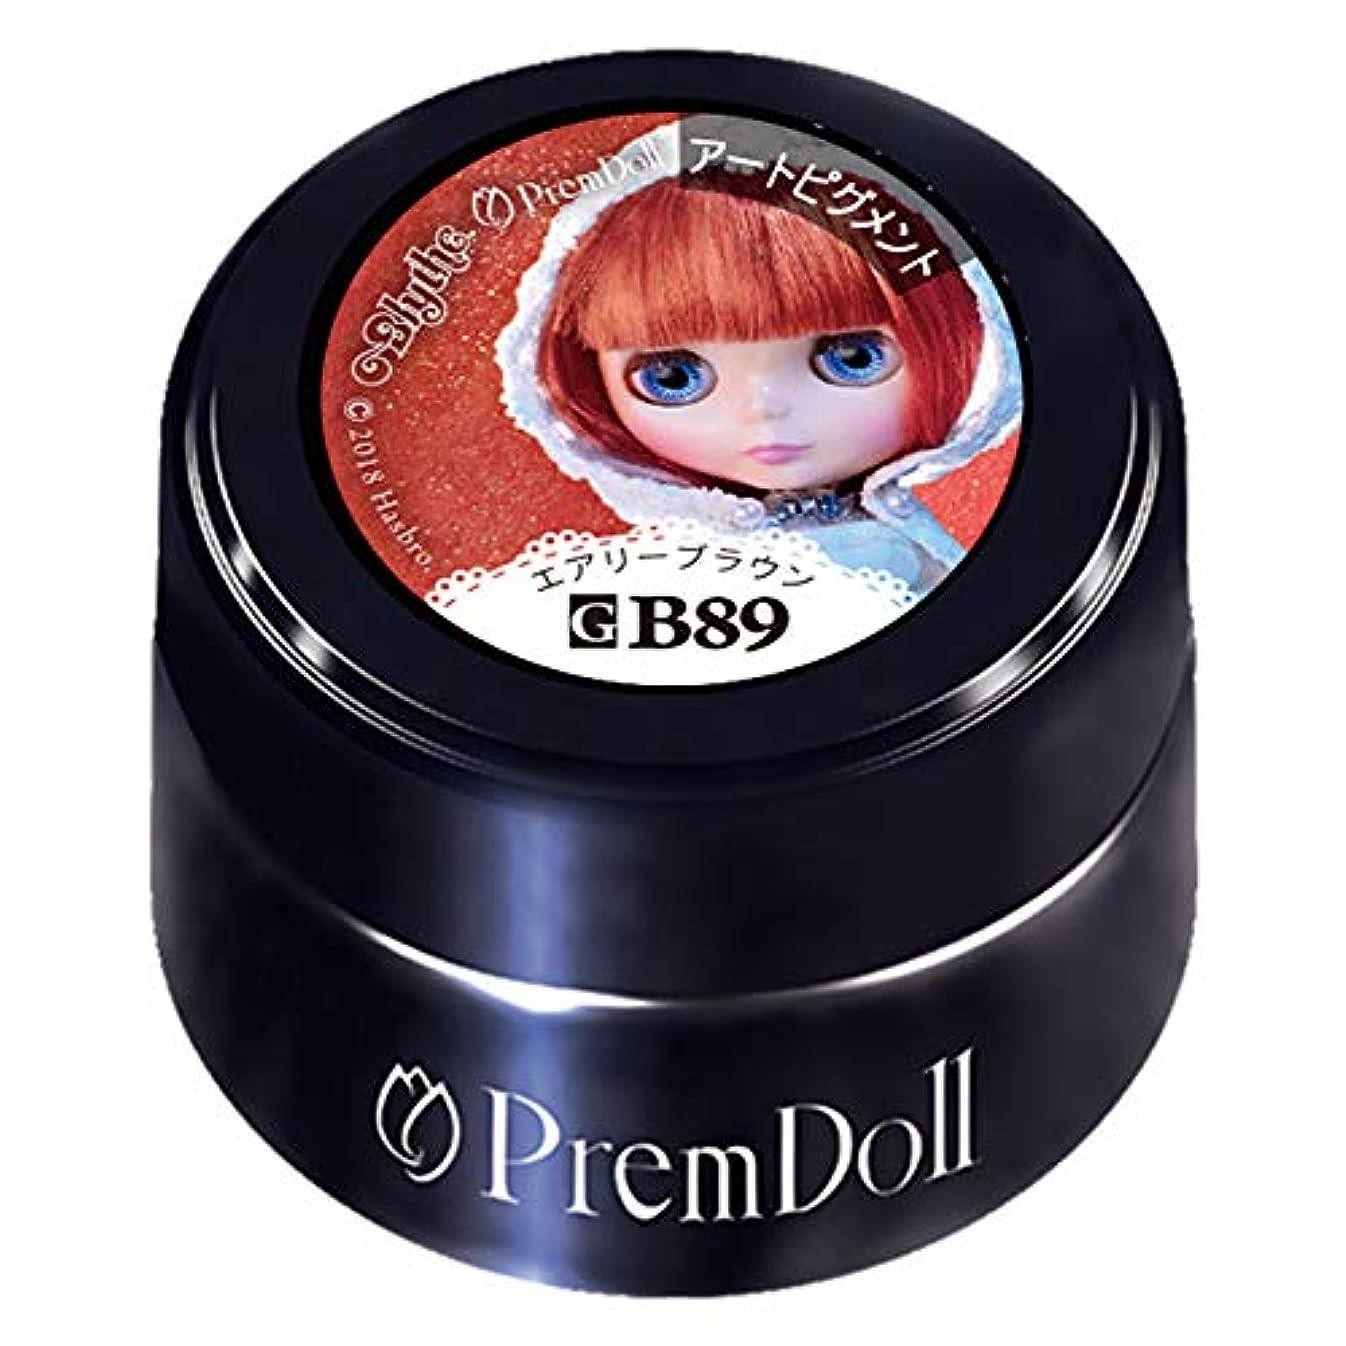 盗難等機械的PRE GEL プリムドール エアリーブラウン89 DOLL-B89 3g カラージェル UV/LED対応